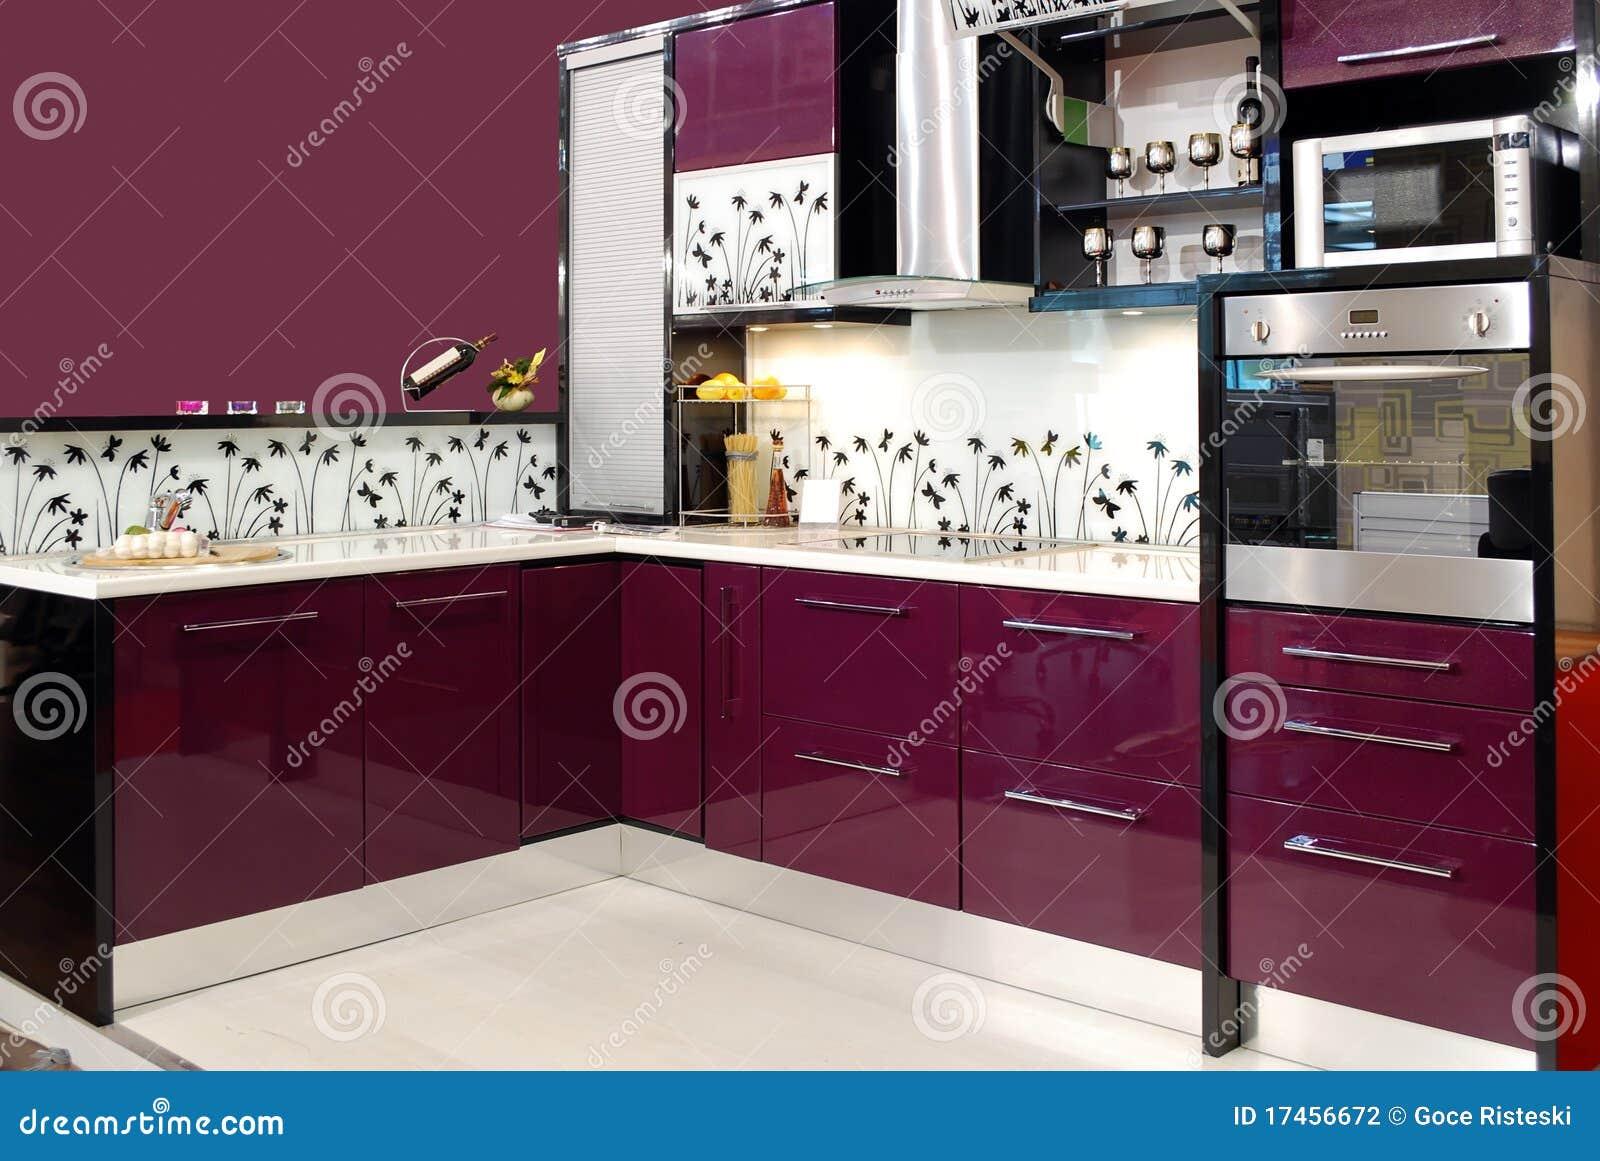 Purpere keuken